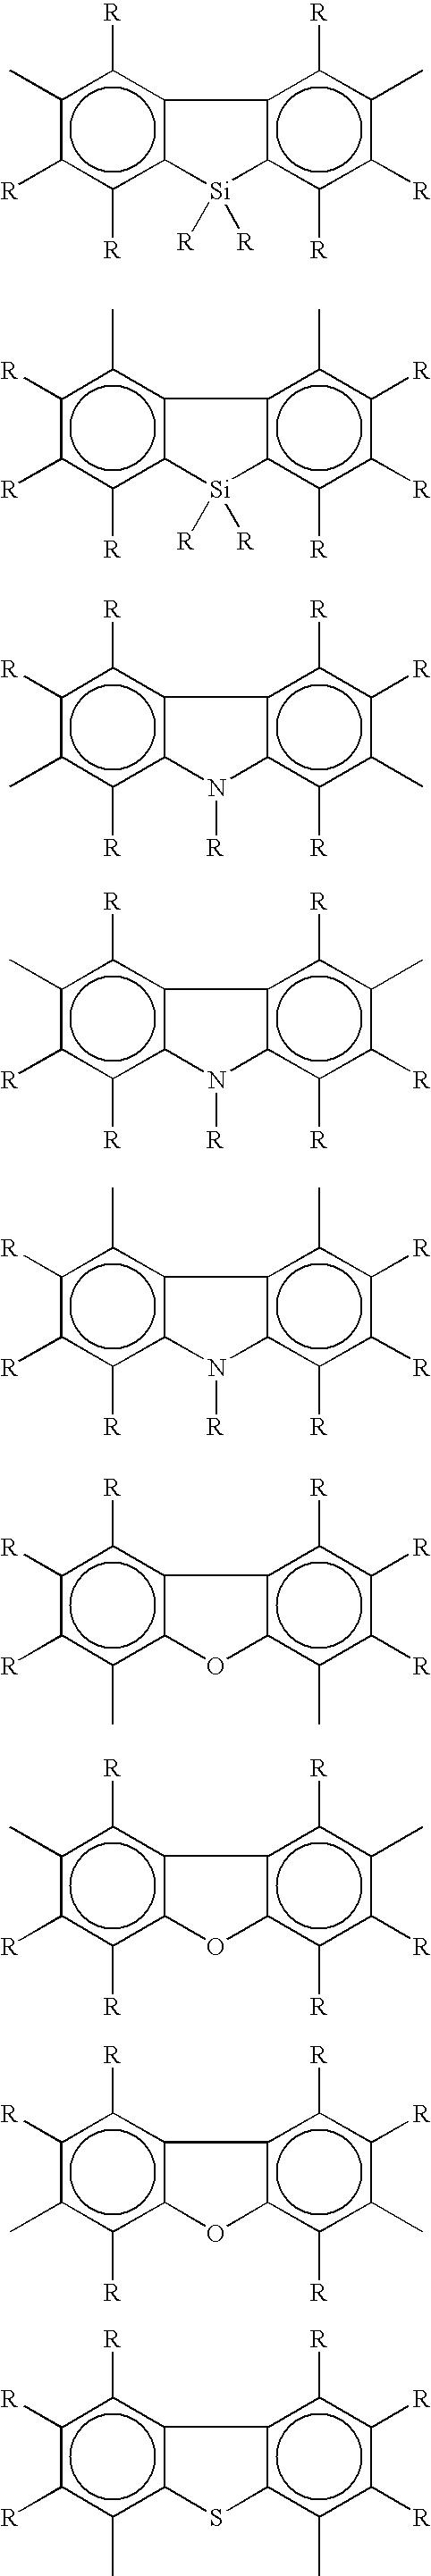 Figure US20070248842A1-20071025-C00011